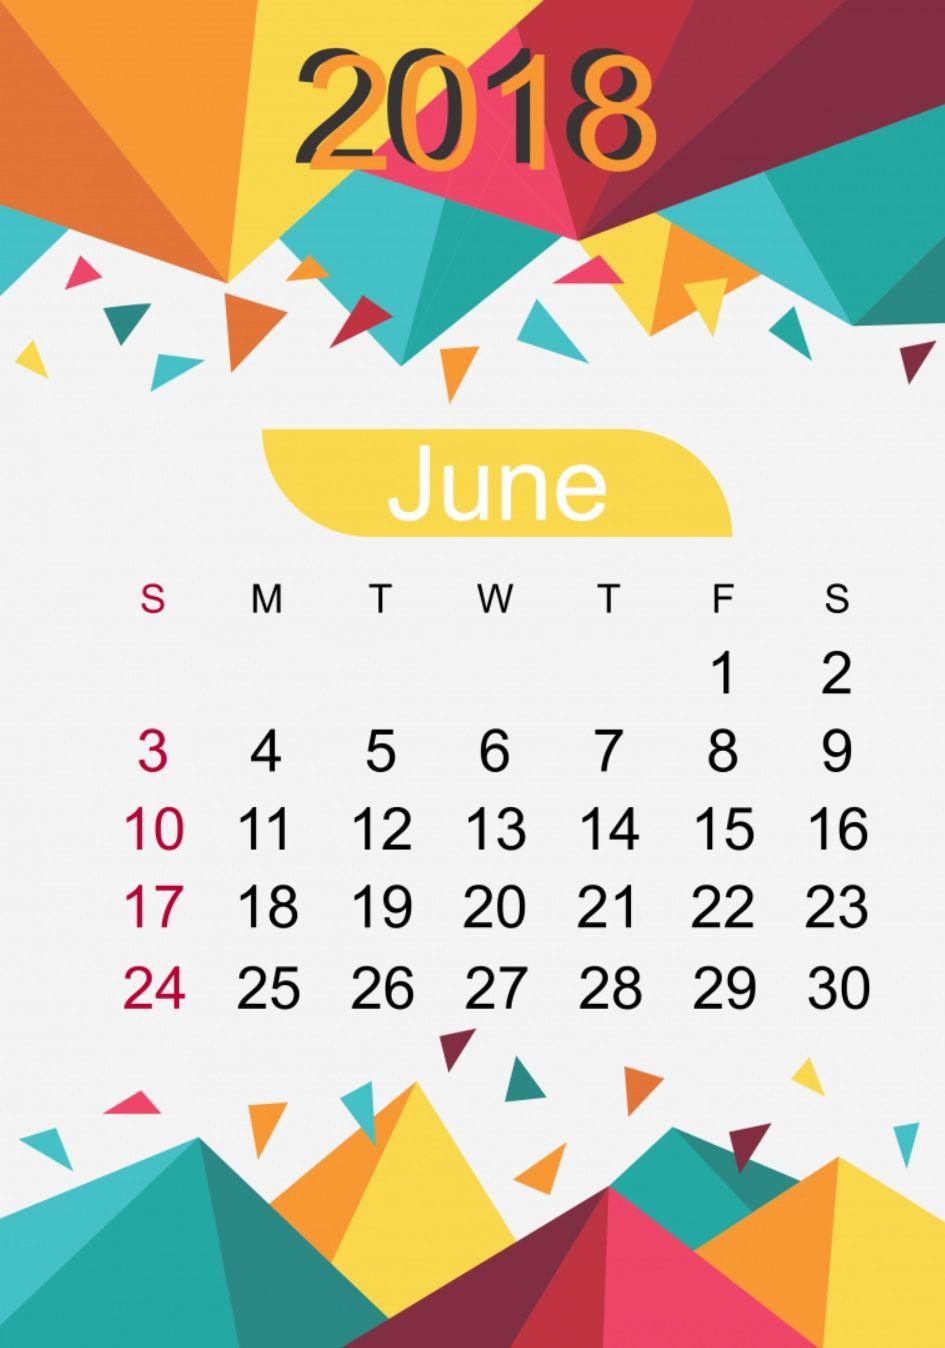 june 2018 hd calendar designsjpg 9451348 pixels